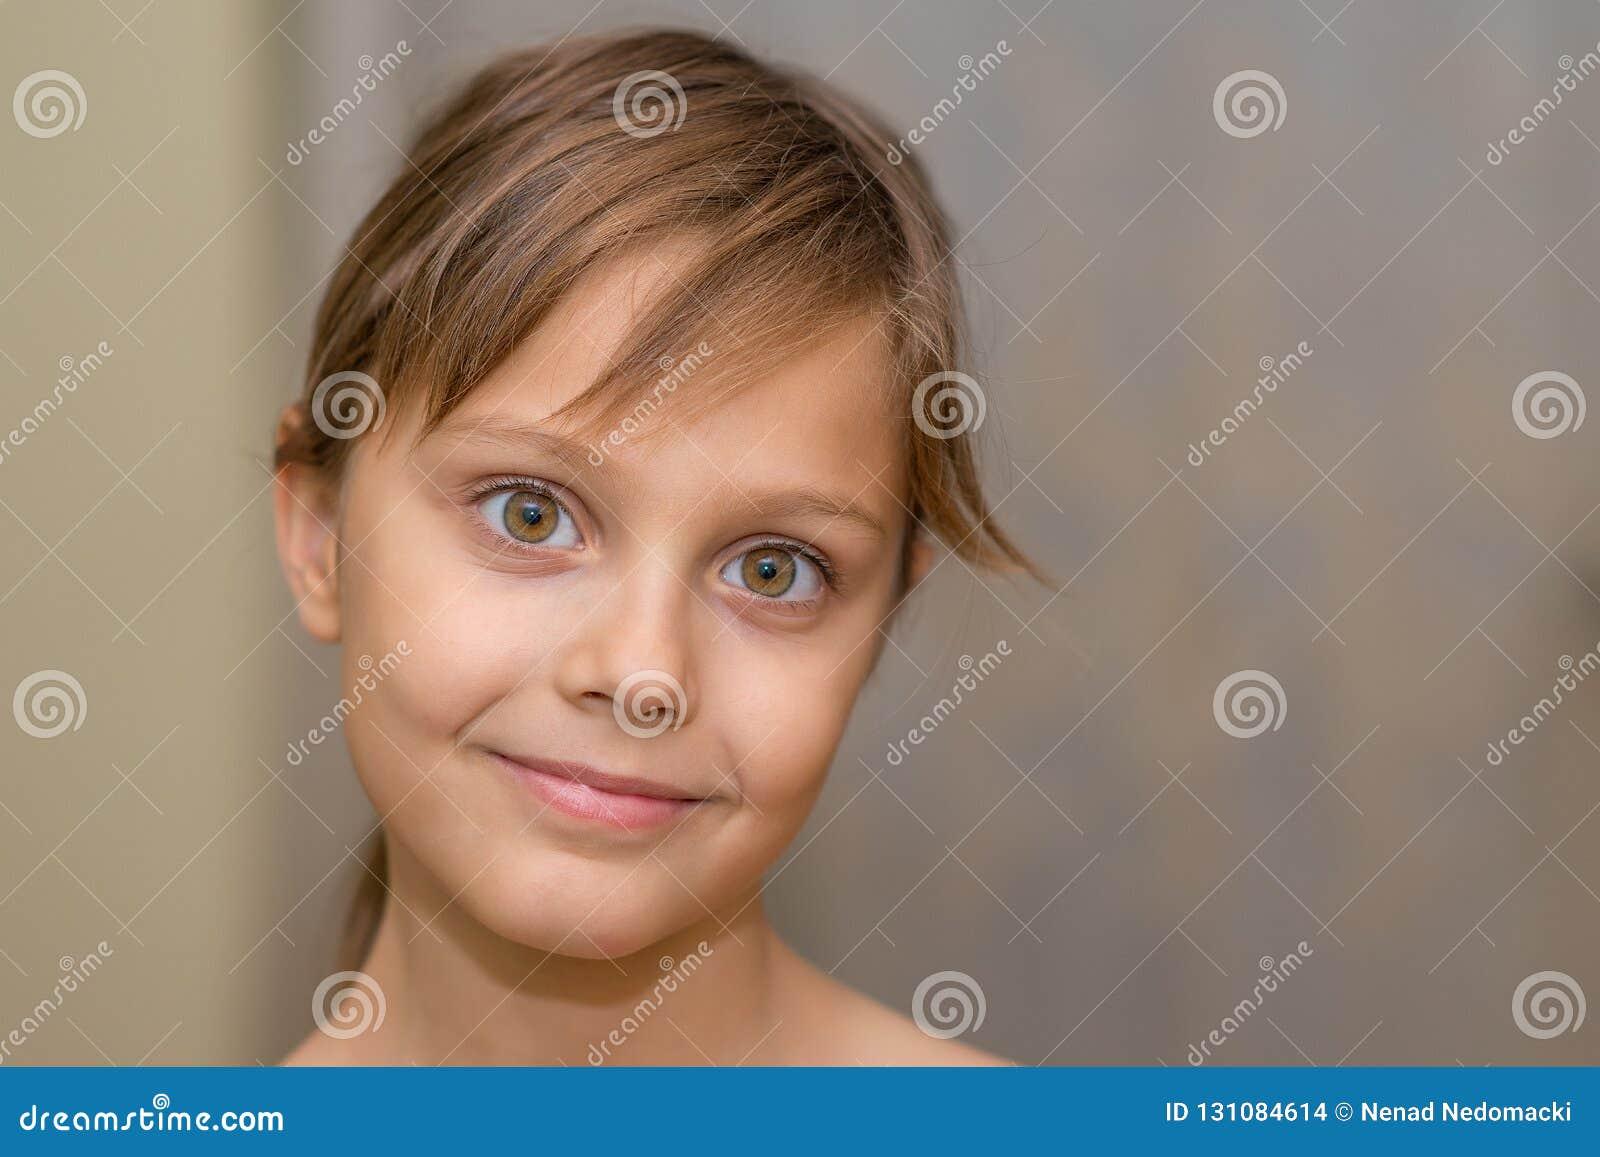 摆在照相机前面的美丽的少女